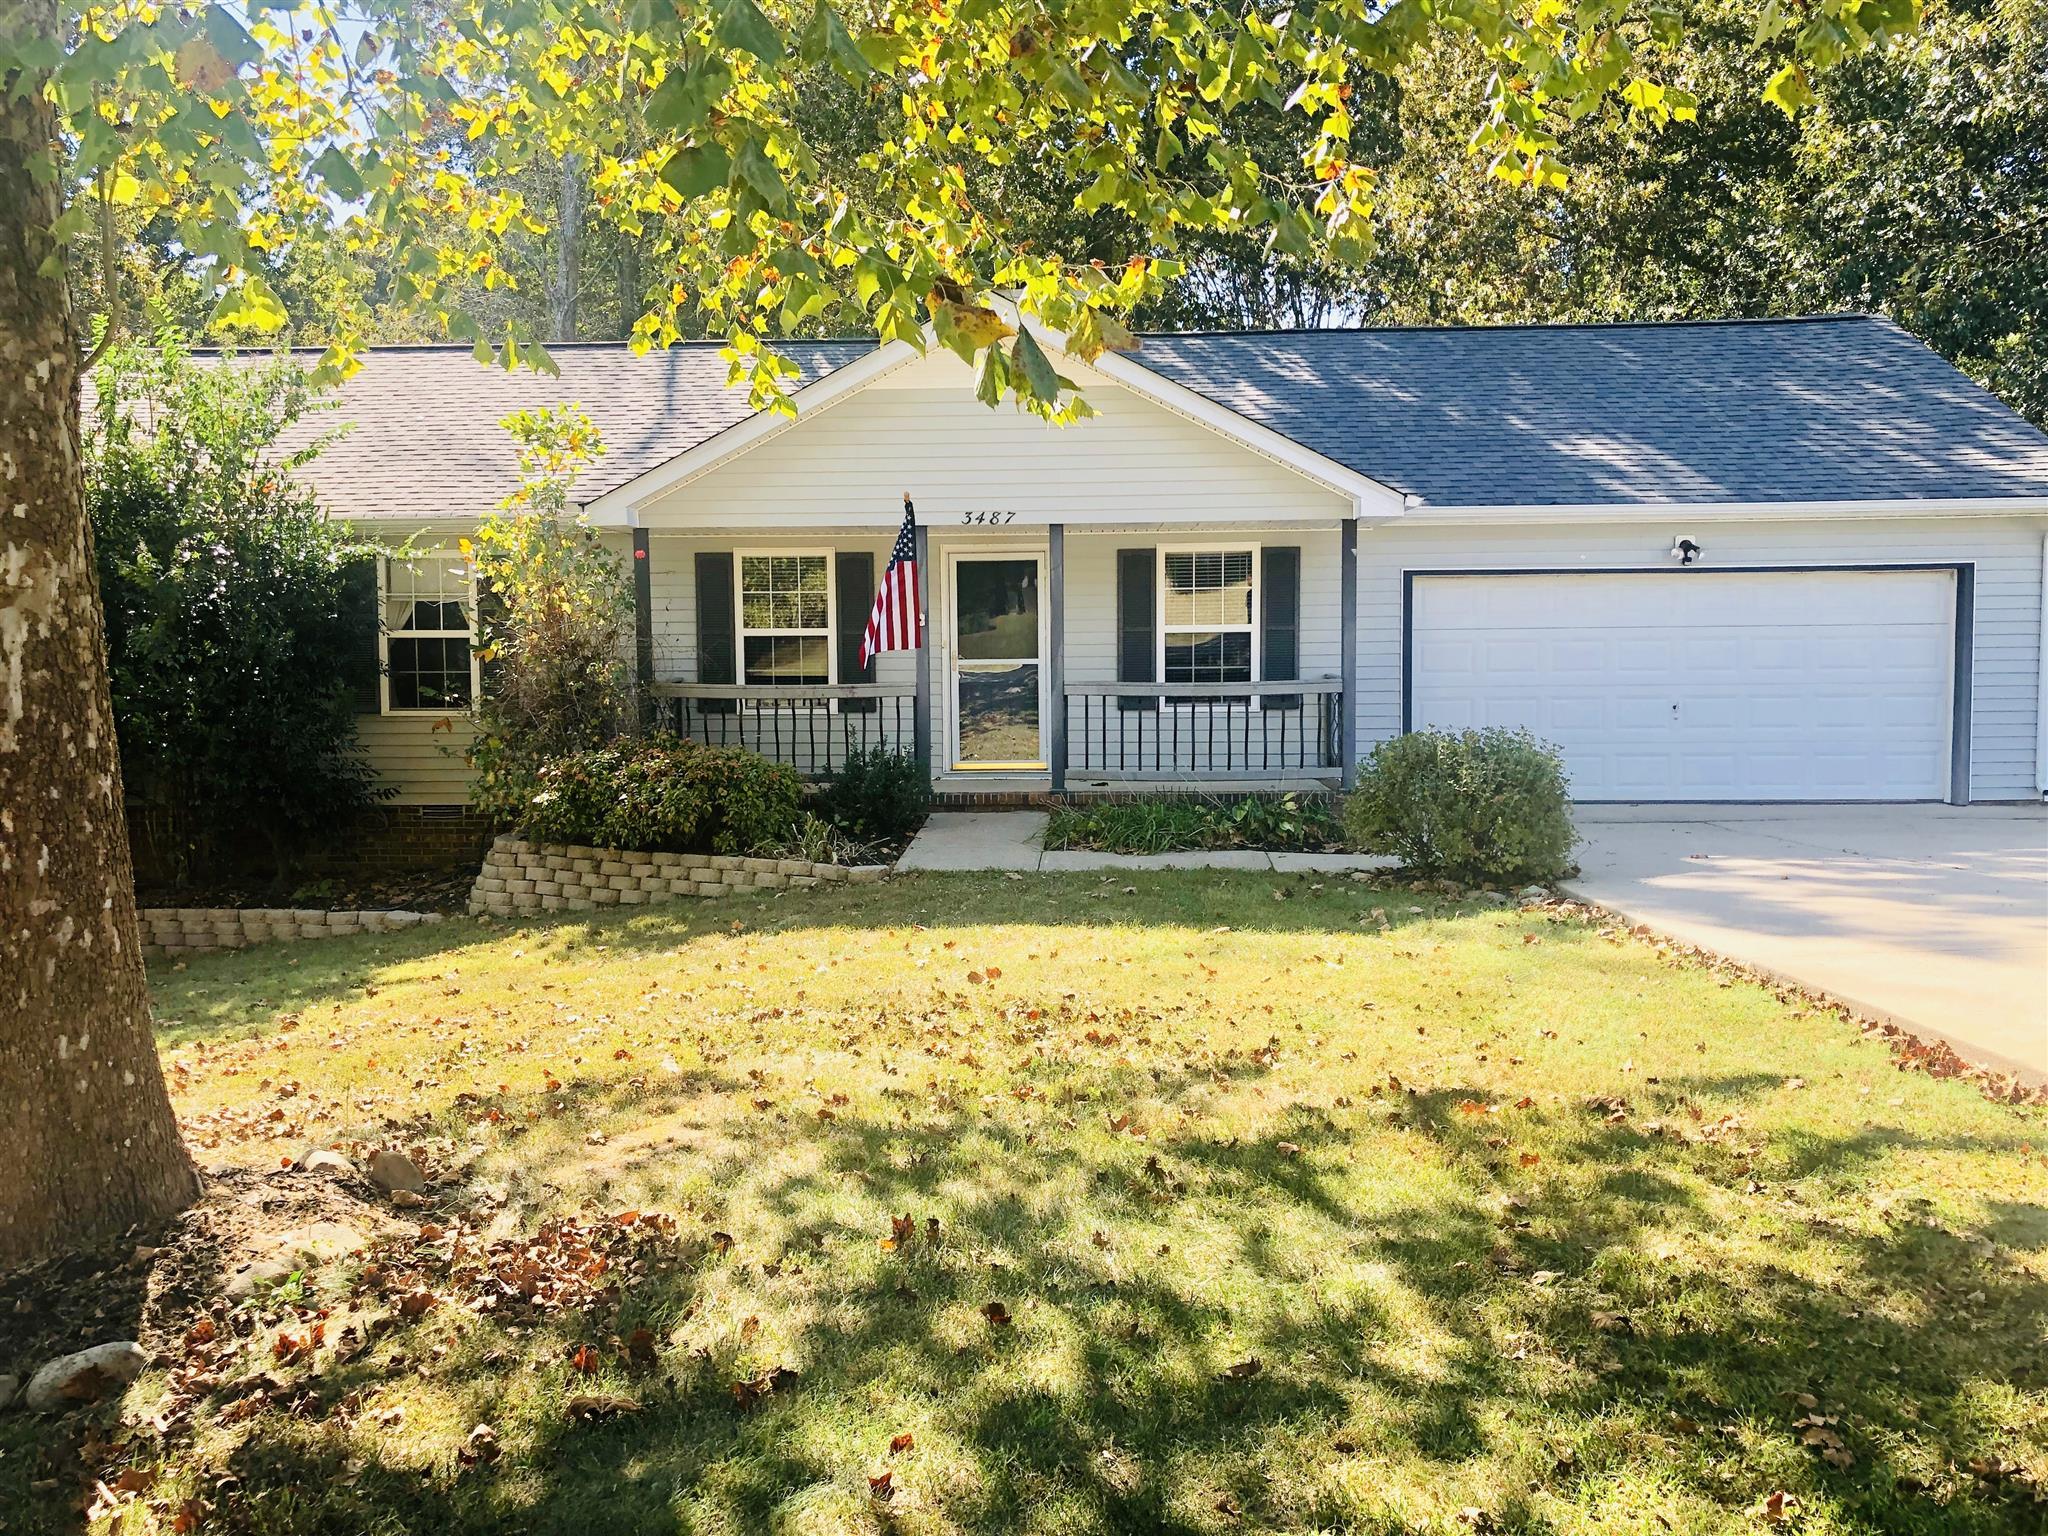 3487 Eastridge Rd, Woodlawn, TN 37191 - Woodlawn, TN real estate listing